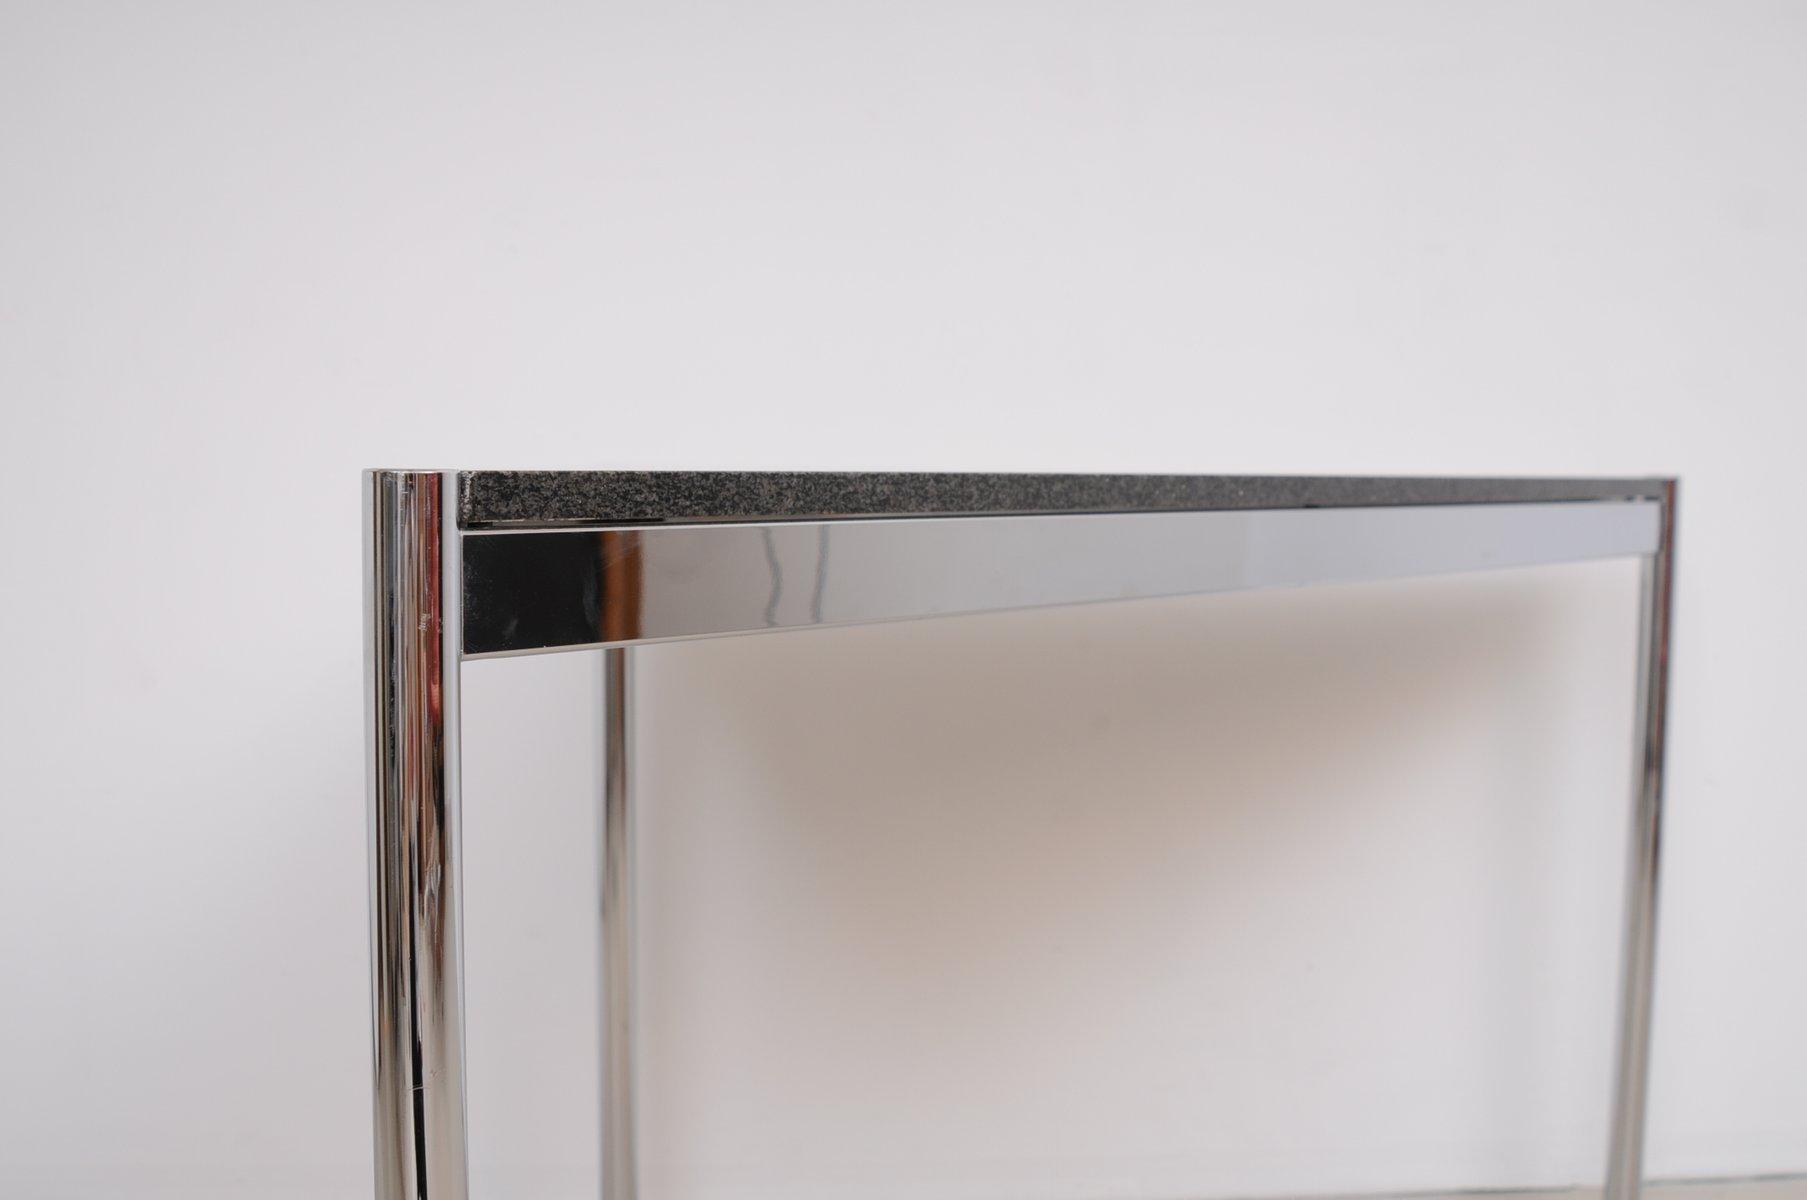 dreieckiger mid century schreibtisch mit granit tischplatte von usm haller bei pamono kaufen. Black Bedroom Furniture Sets. Home Design Ideas